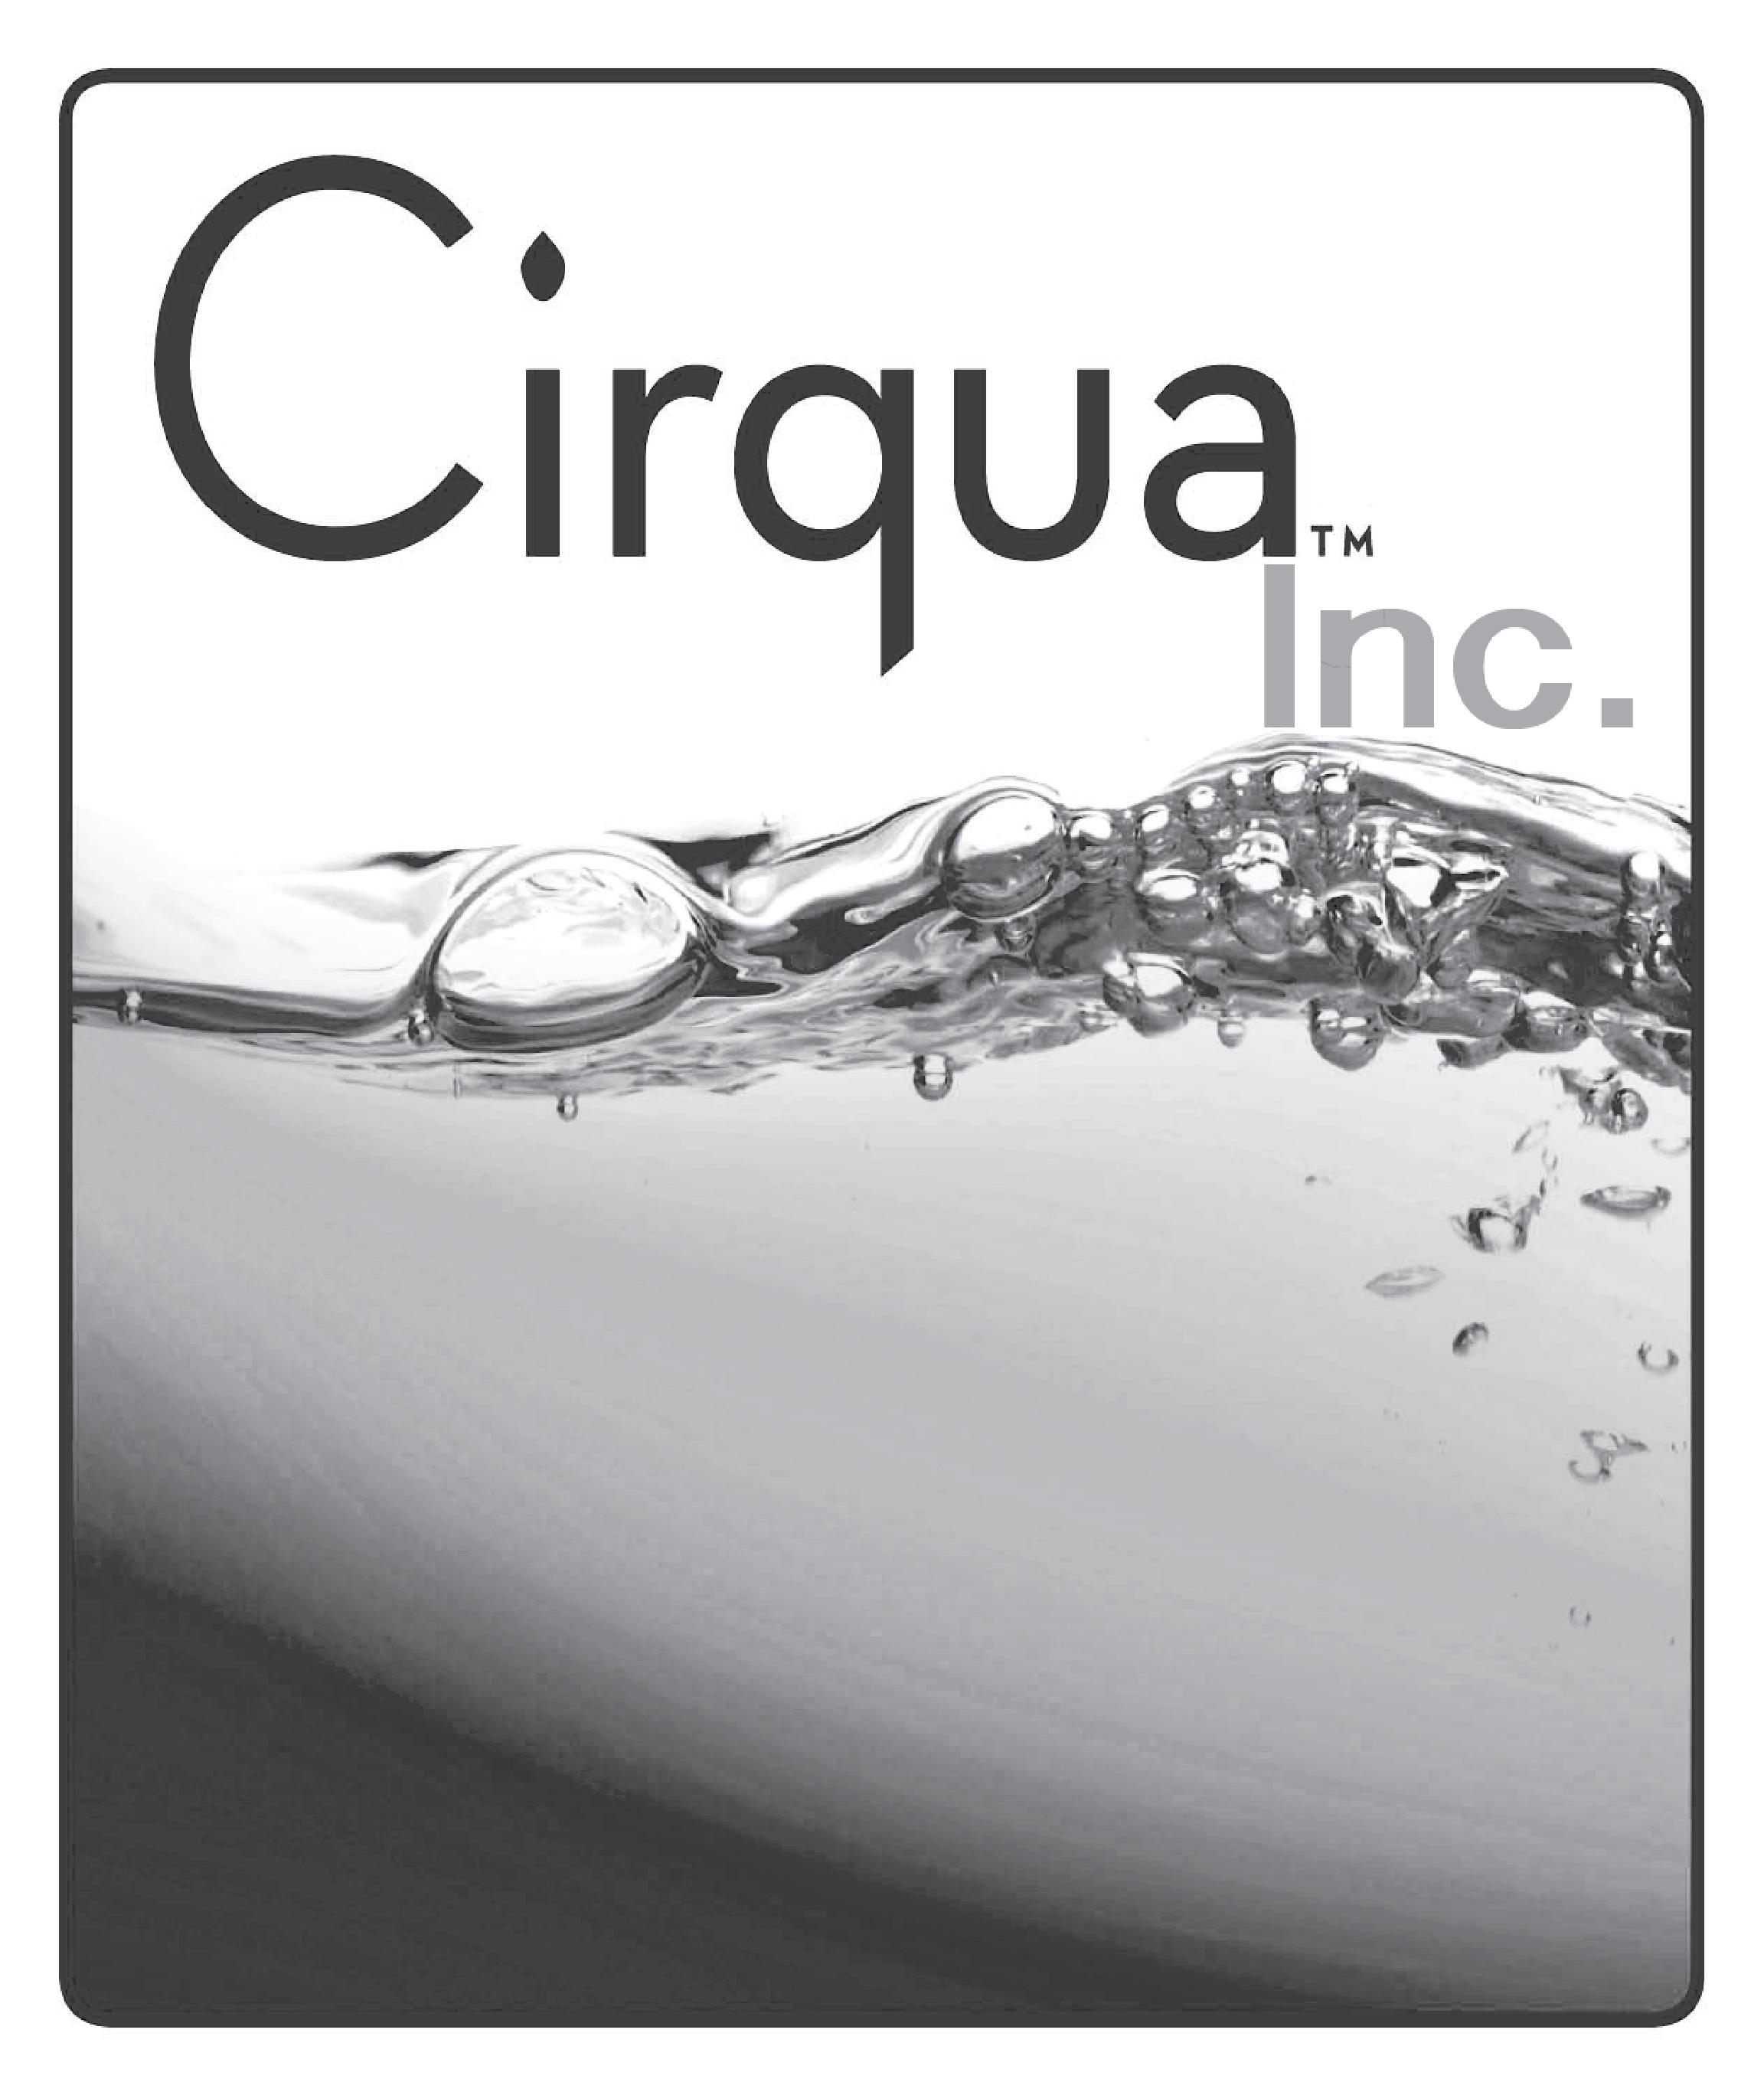 Cirqua-CRGR-1.png